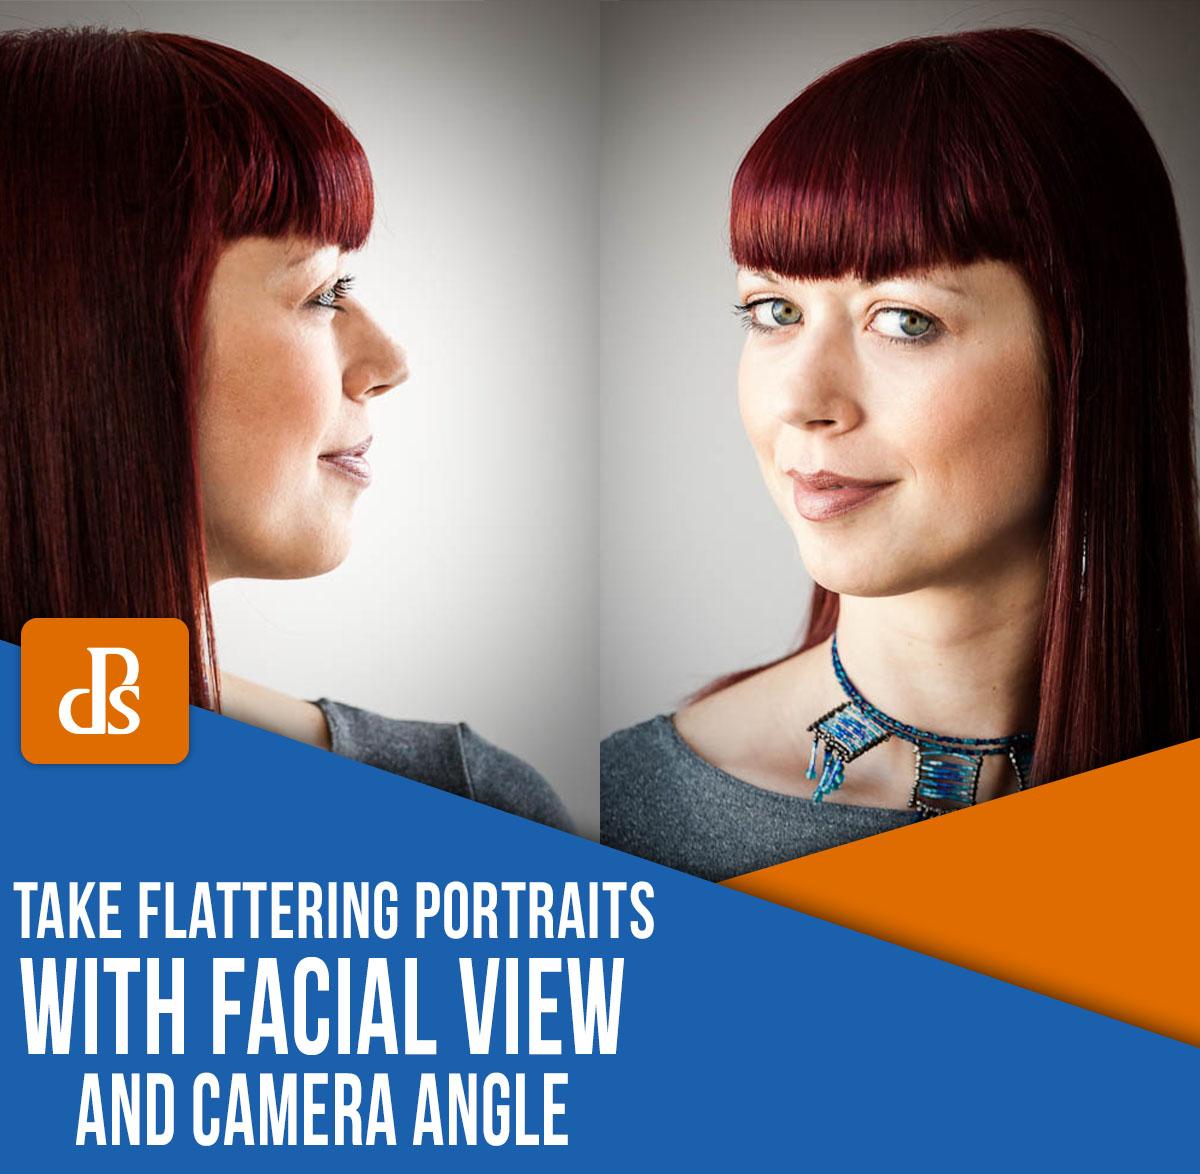 use o ângulo do rosto e o ângulo da câmera para favorecer a fotografia de retrato